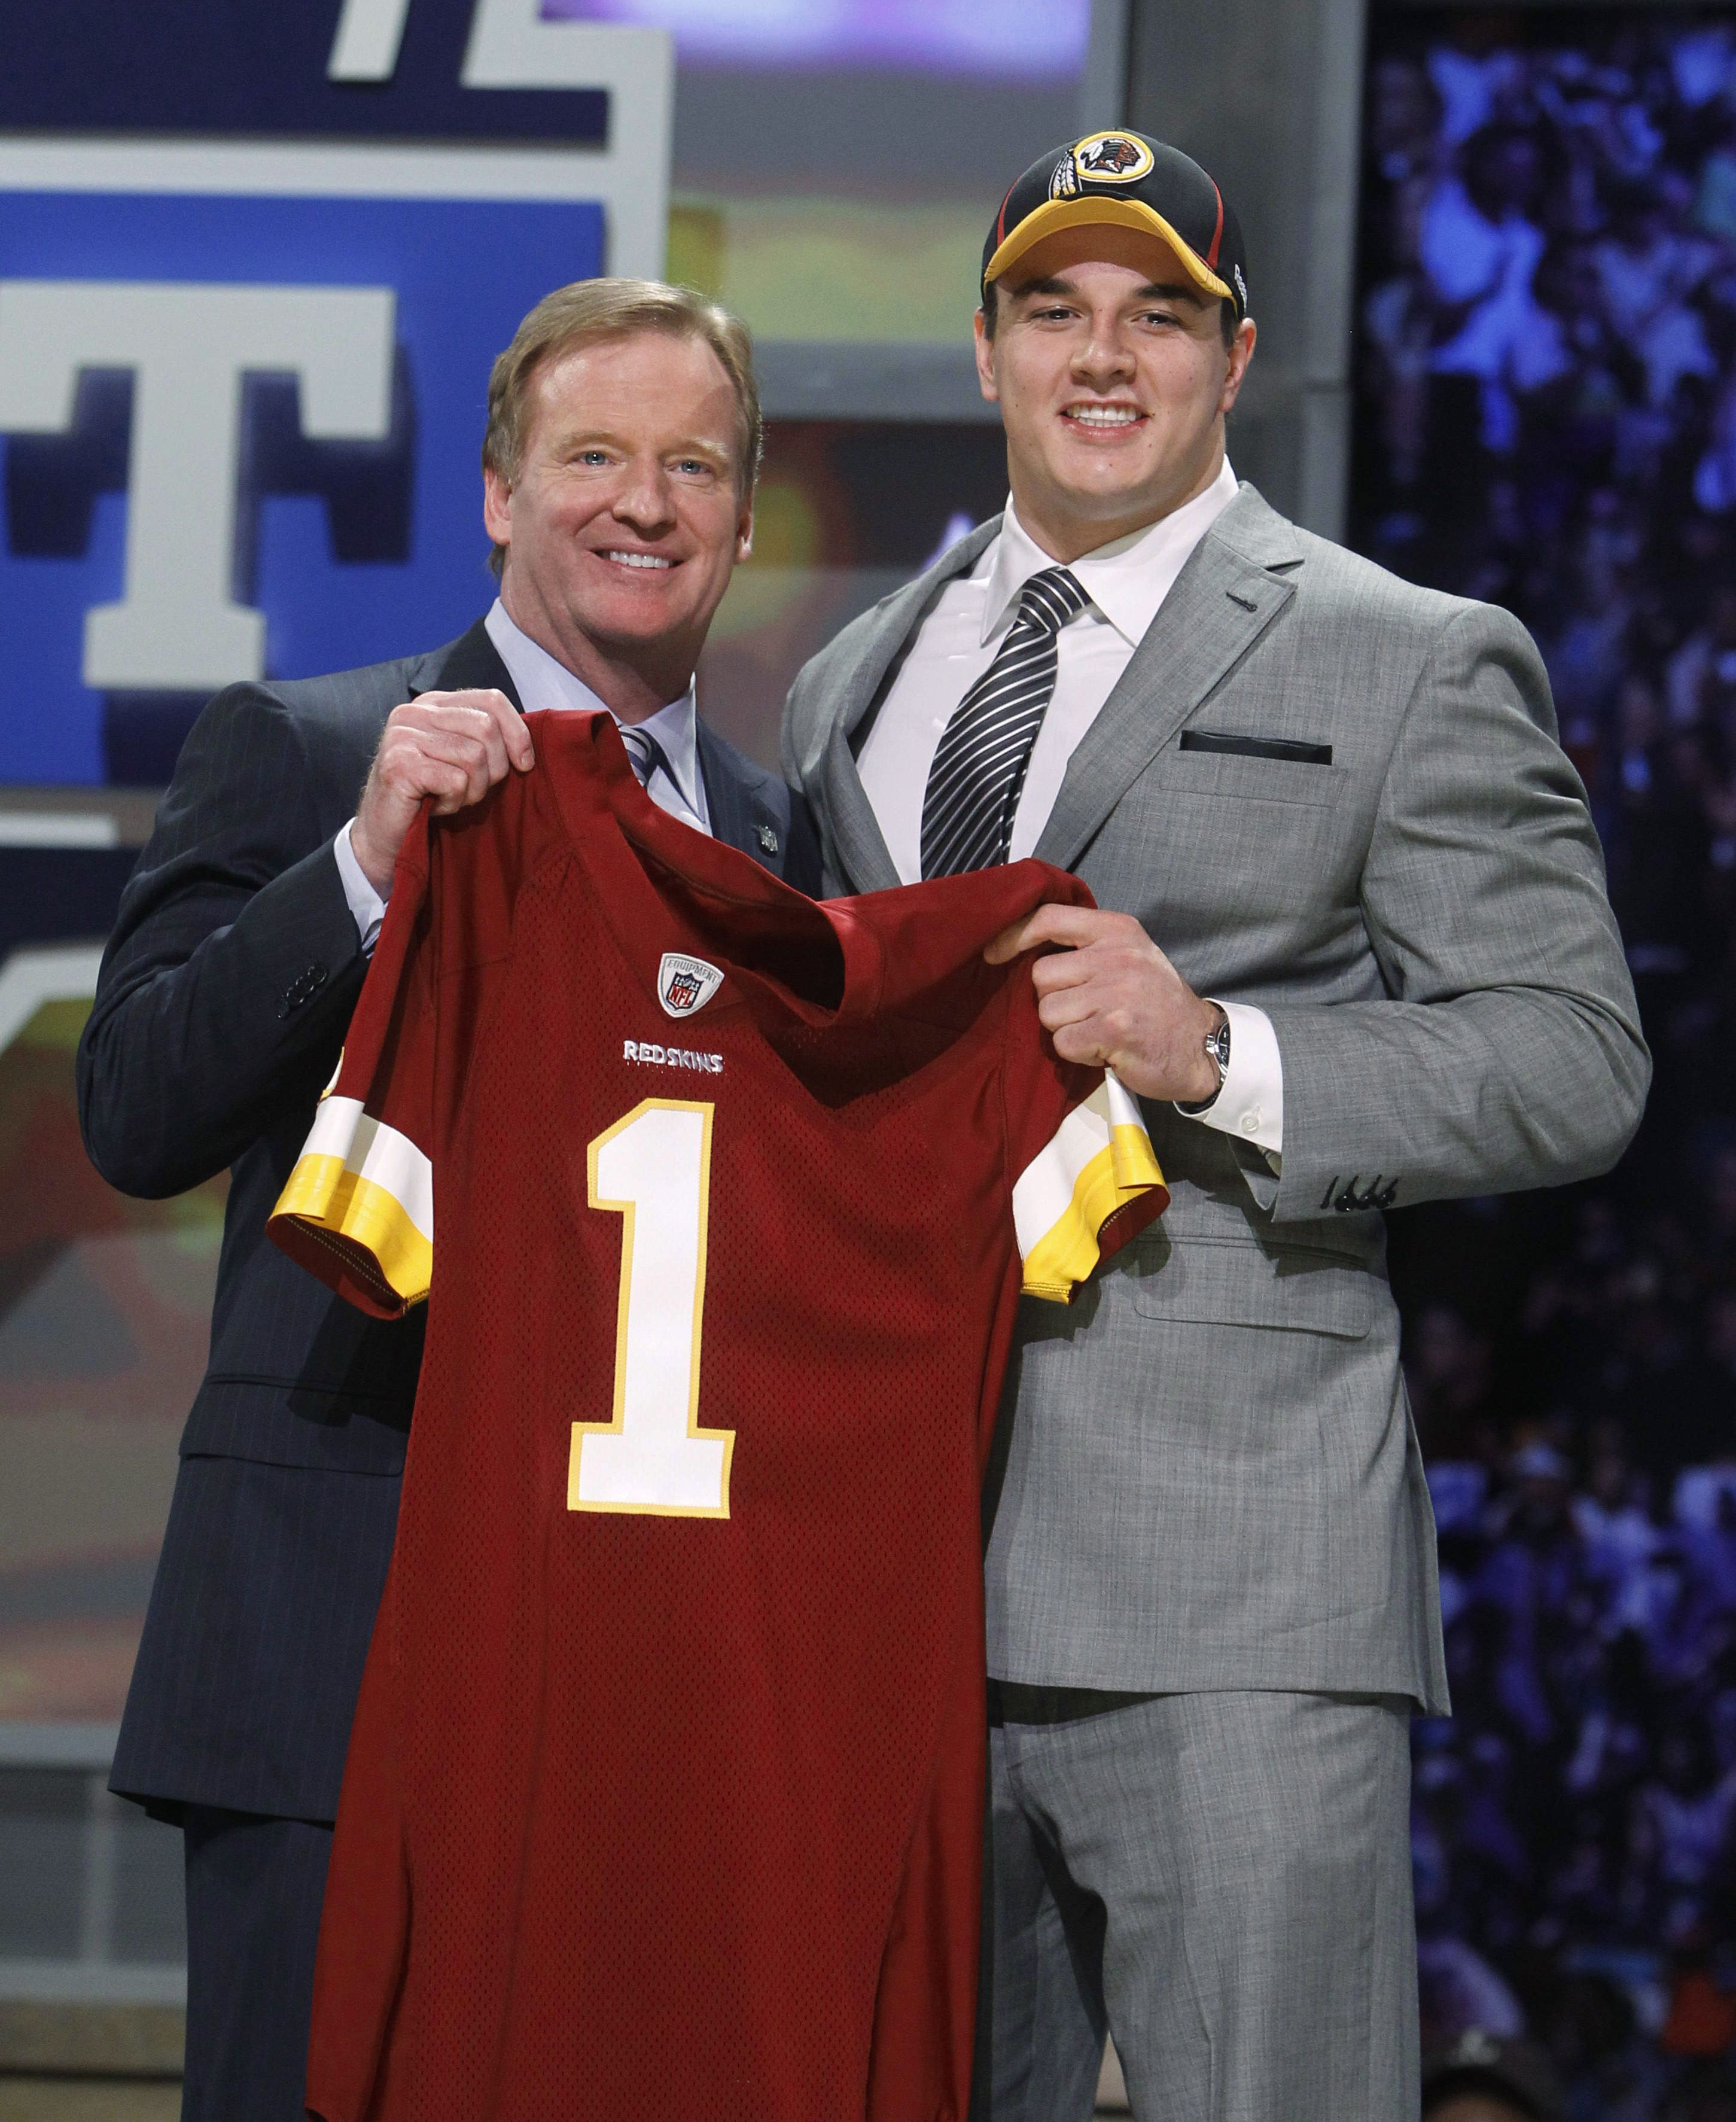 Ryan Kerrigan Redskins Boilers in the NFL